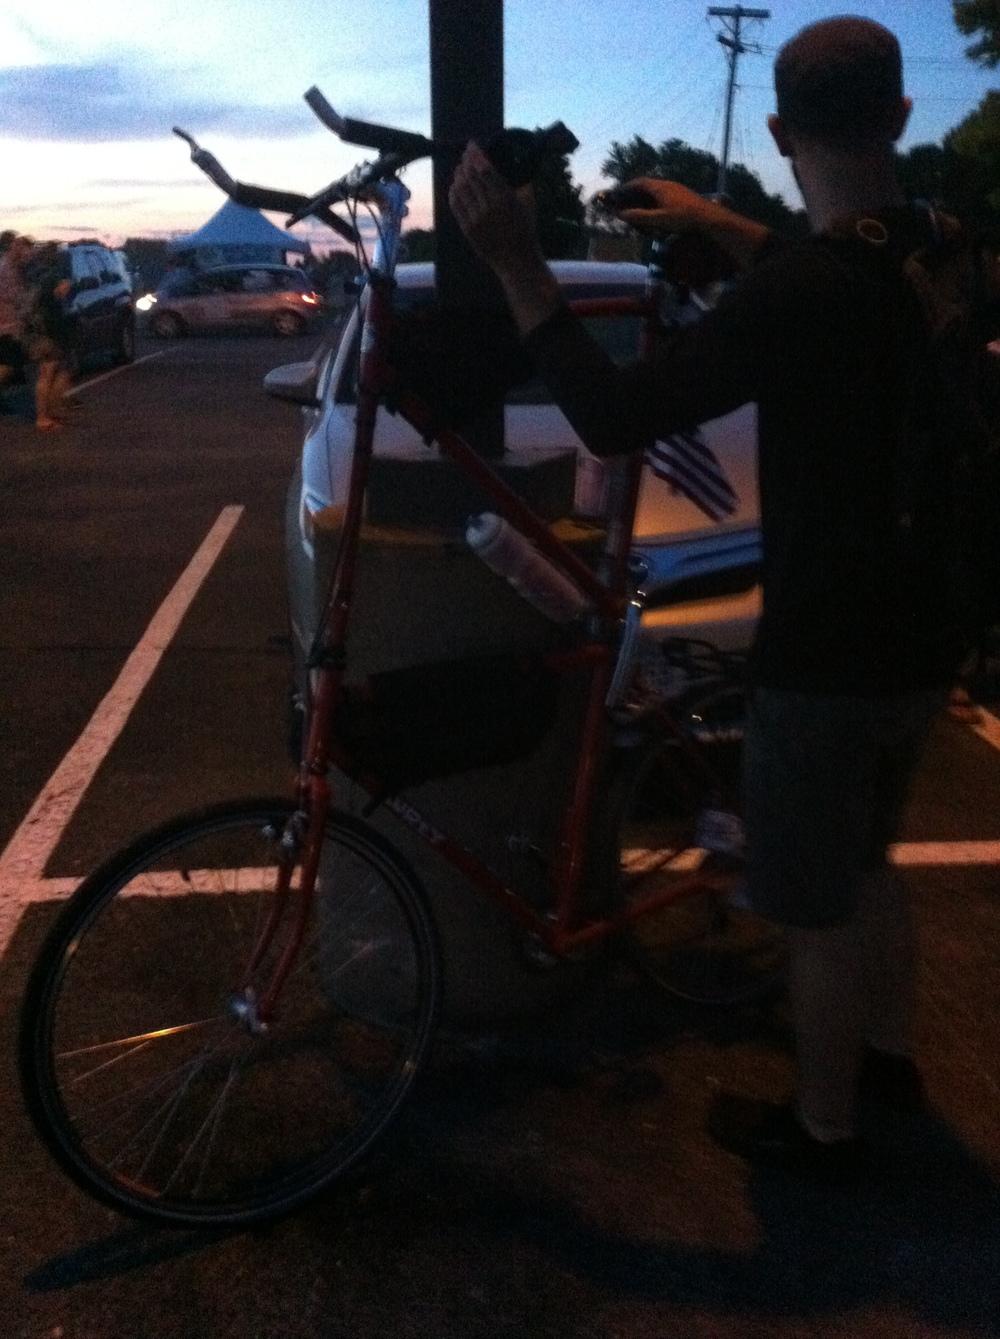 6' high bike.